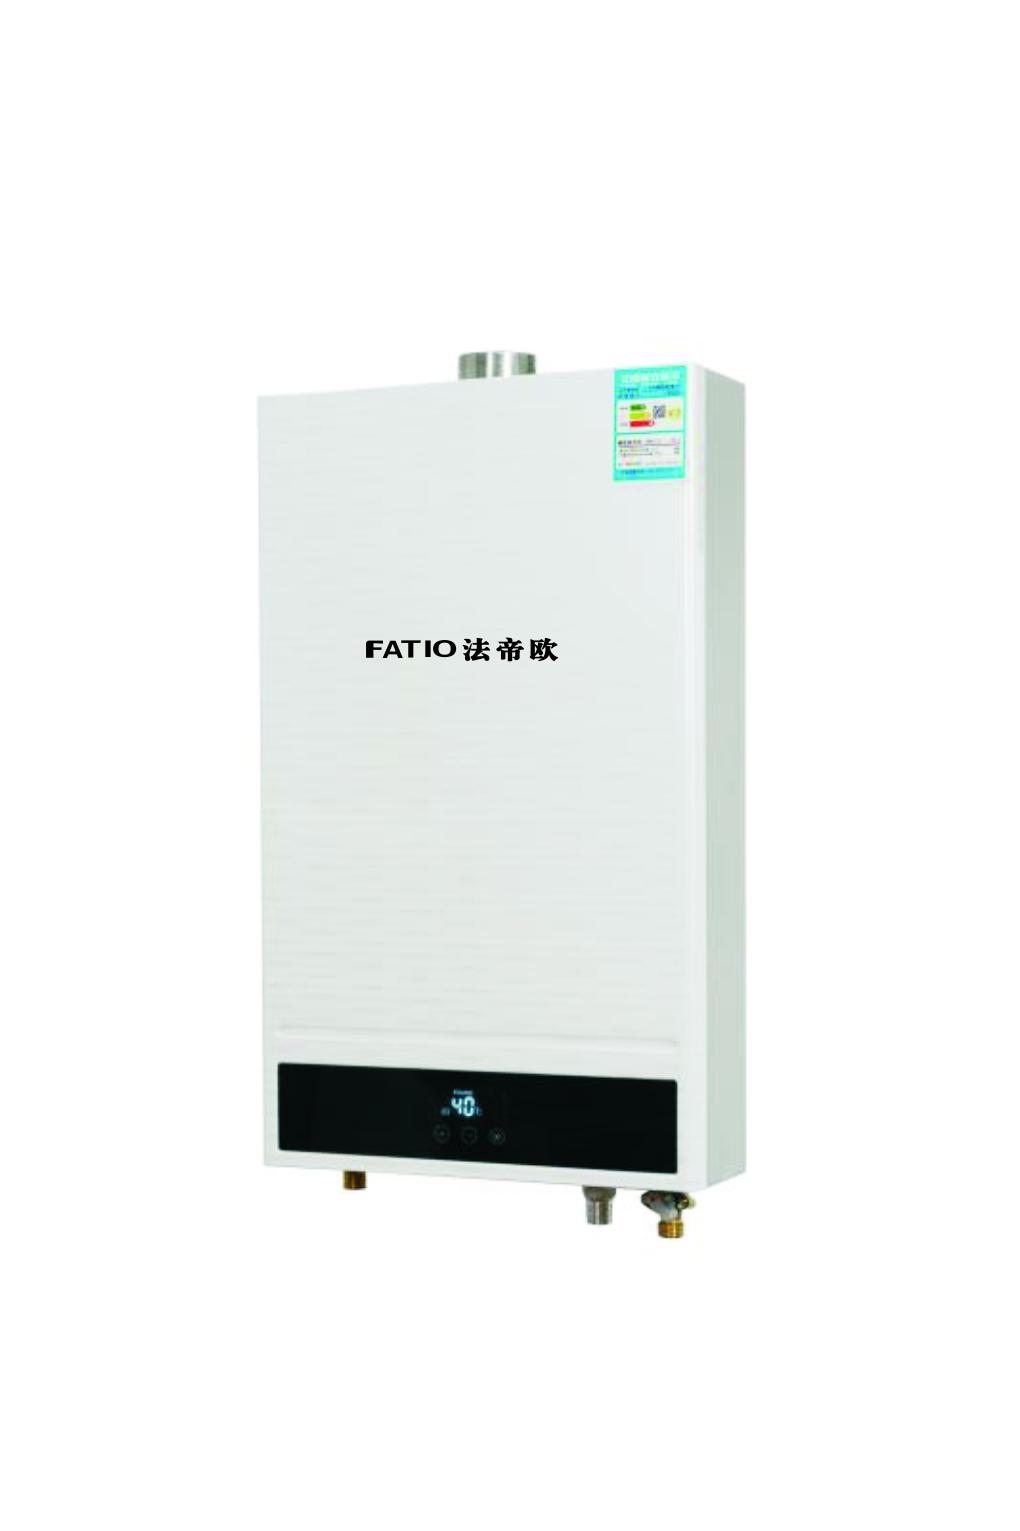 FD-R02(T/Y)